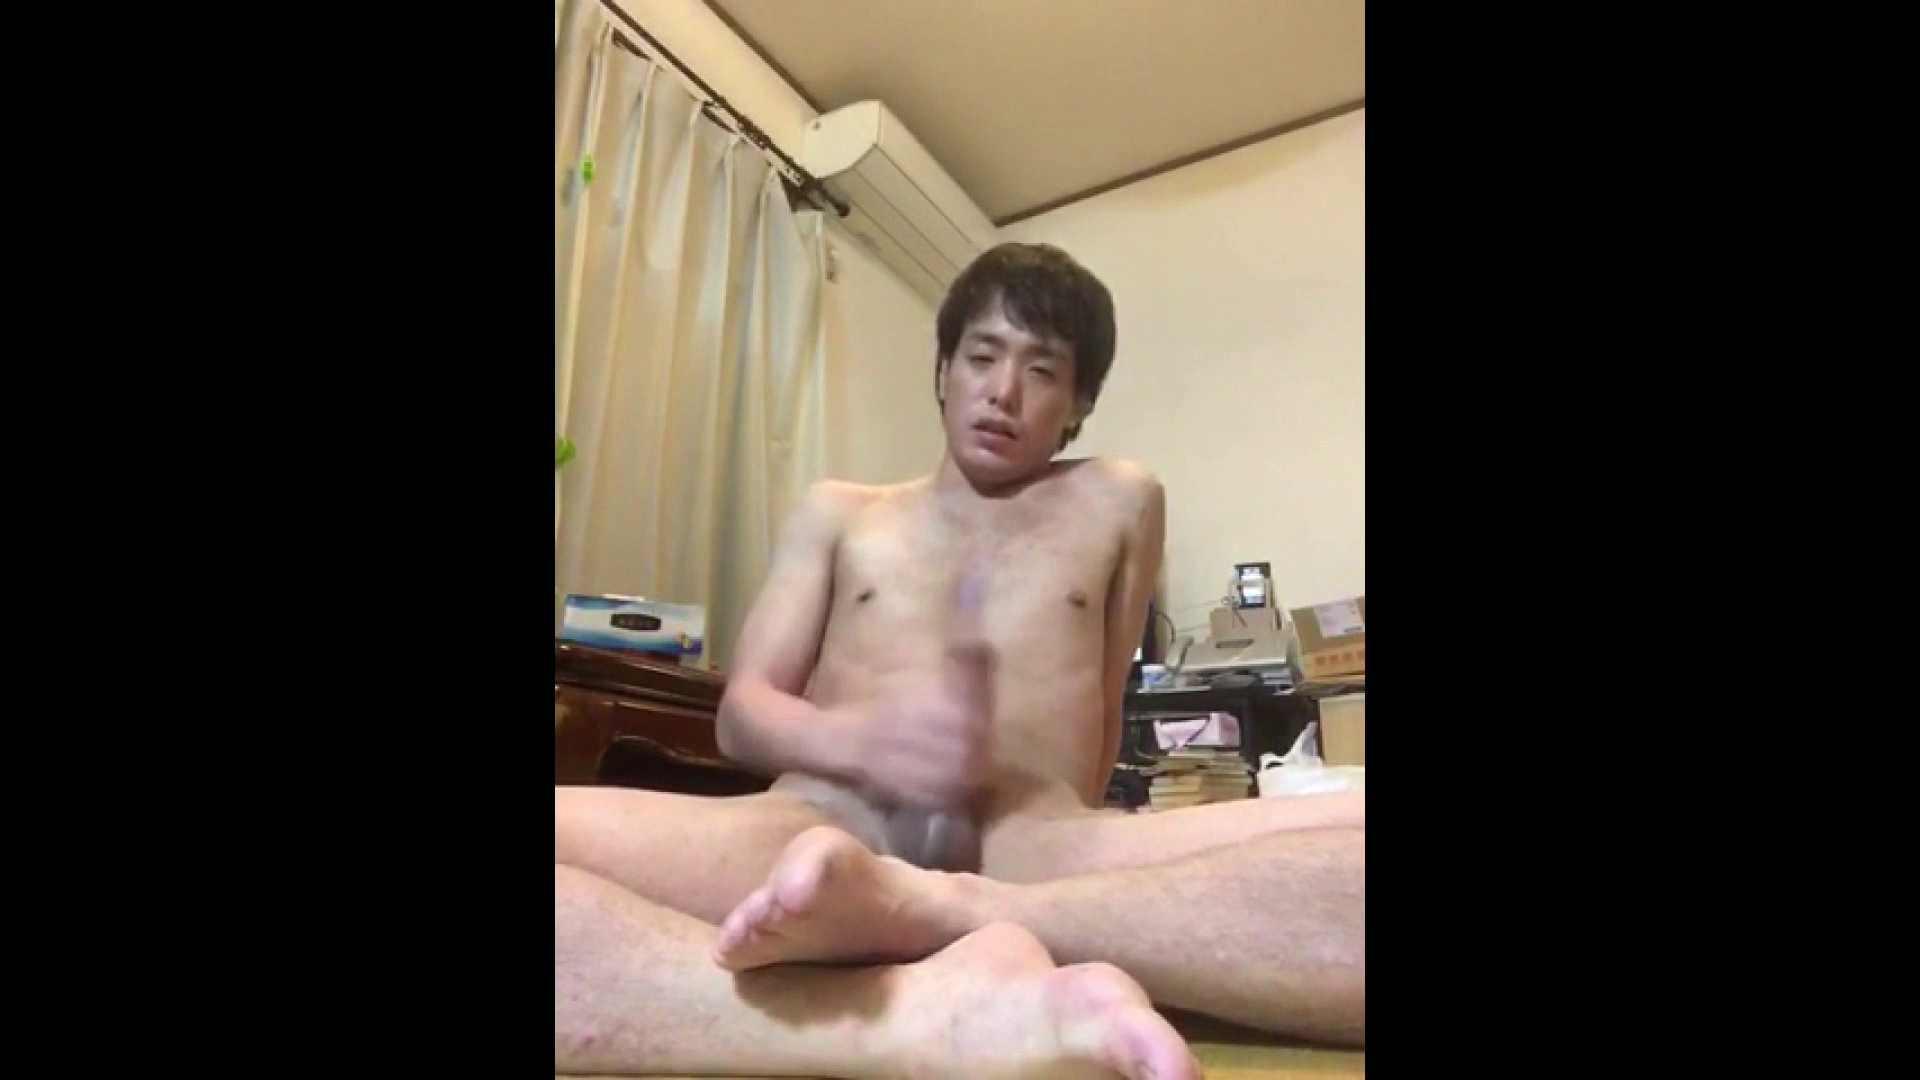 個人撮影 自慰の極意 Vol.30 個人撮影 ゲイエロ動画 78pic 30